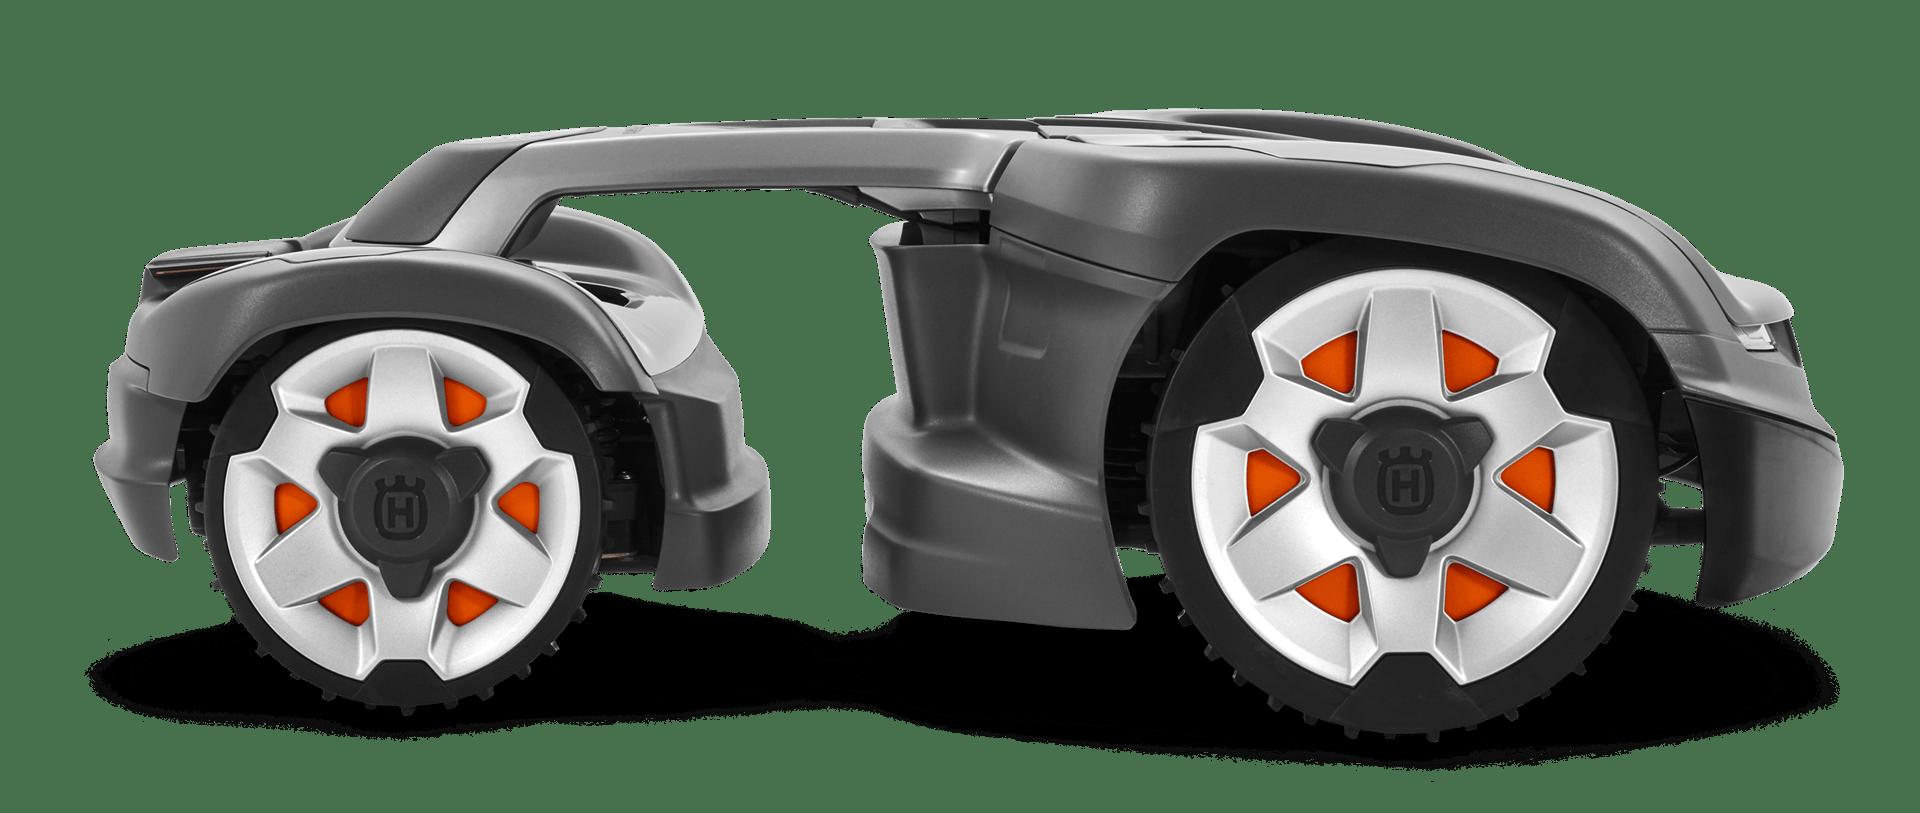 款自动割草机435 x AWD